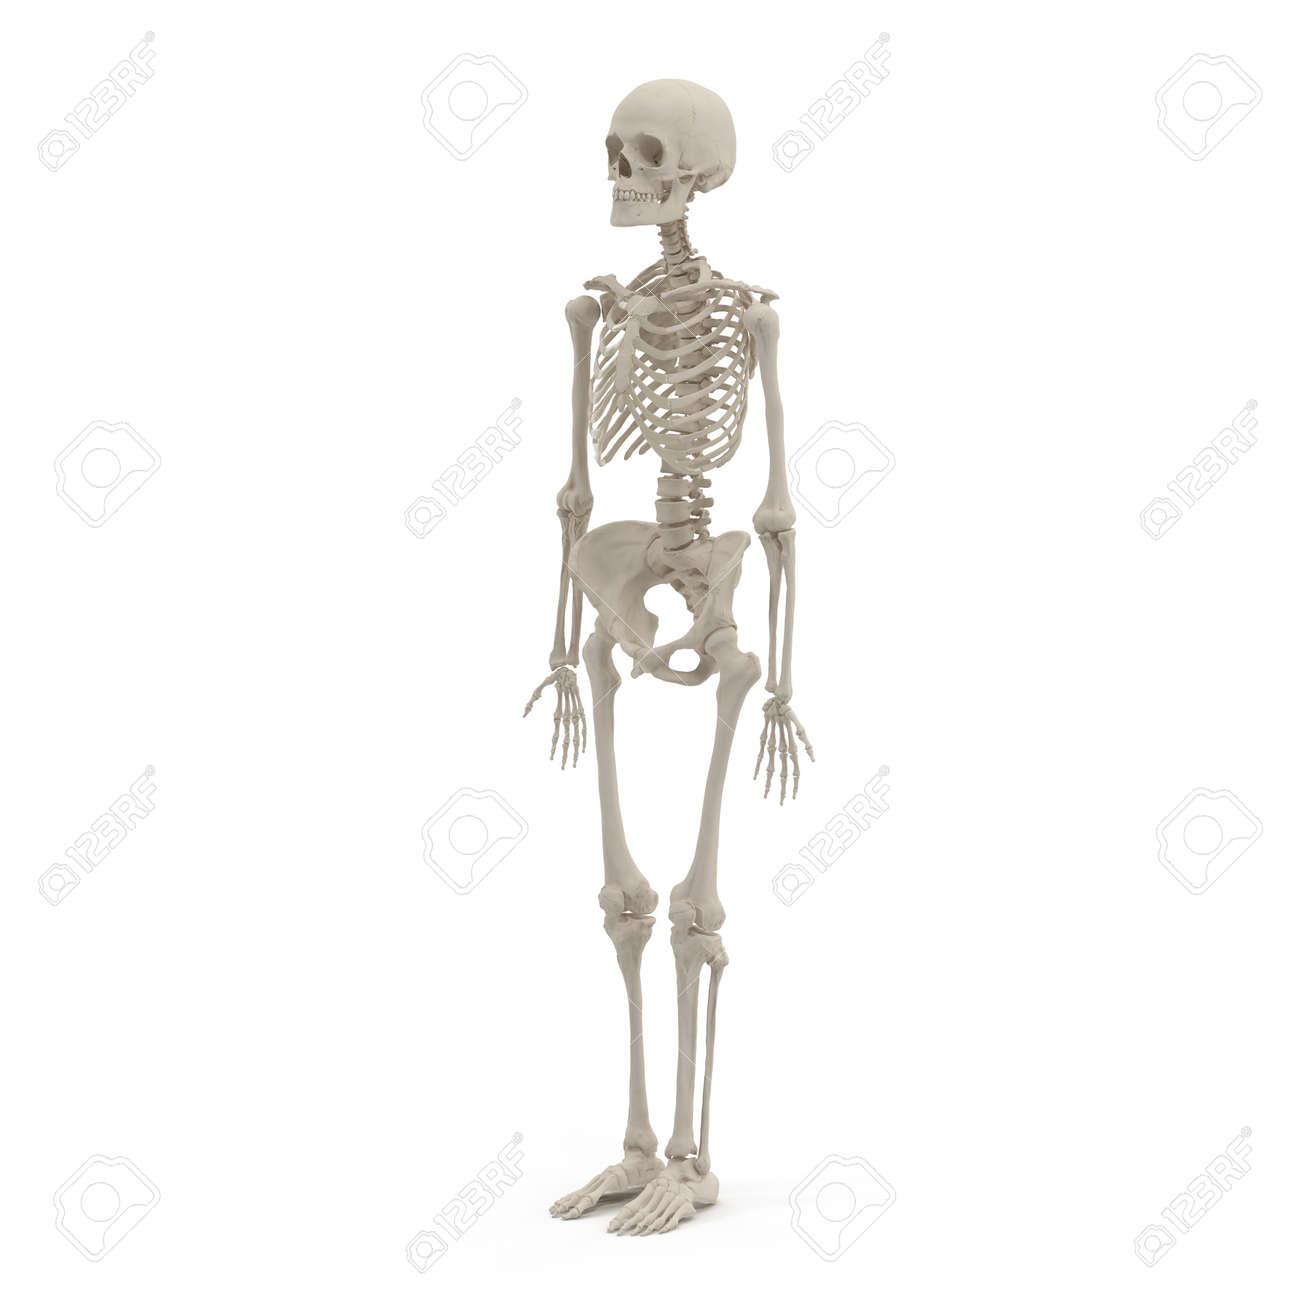 Ausgezeichnet Skelettkörpersystem Ideen - Menschliche Anatomie ...